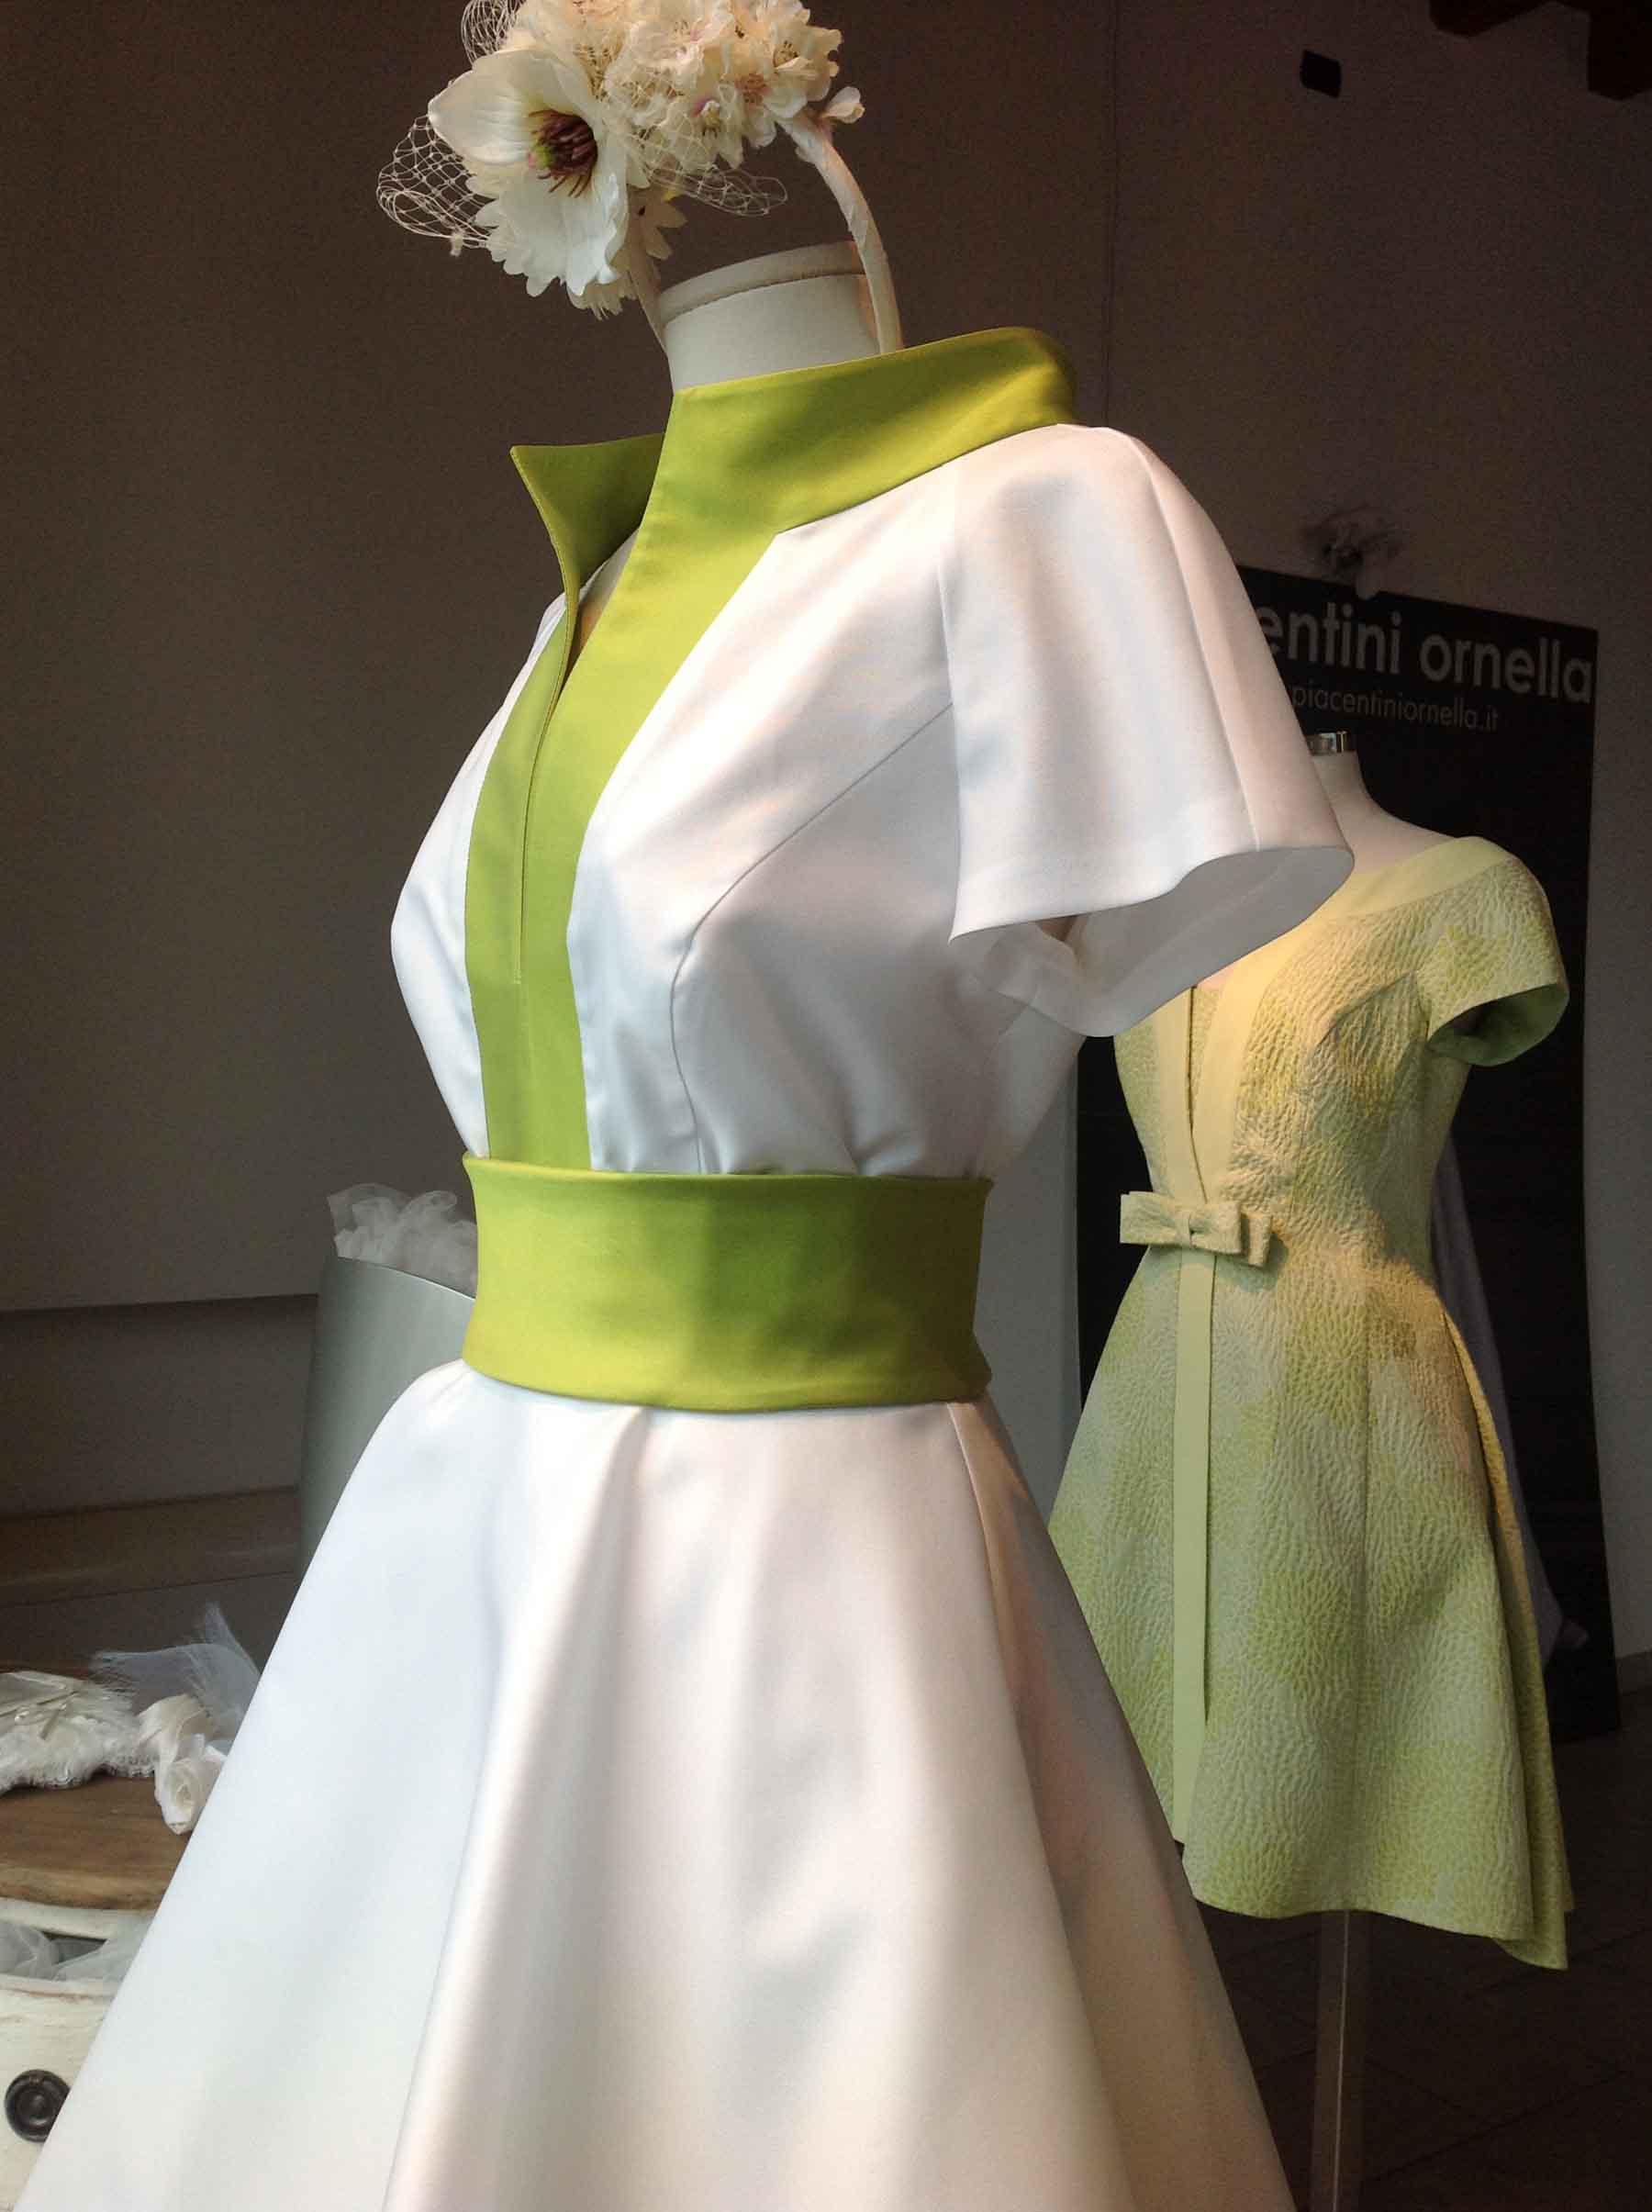 Vetrina colori fluo ornella piacentini abiti da sposa for Colori fluo